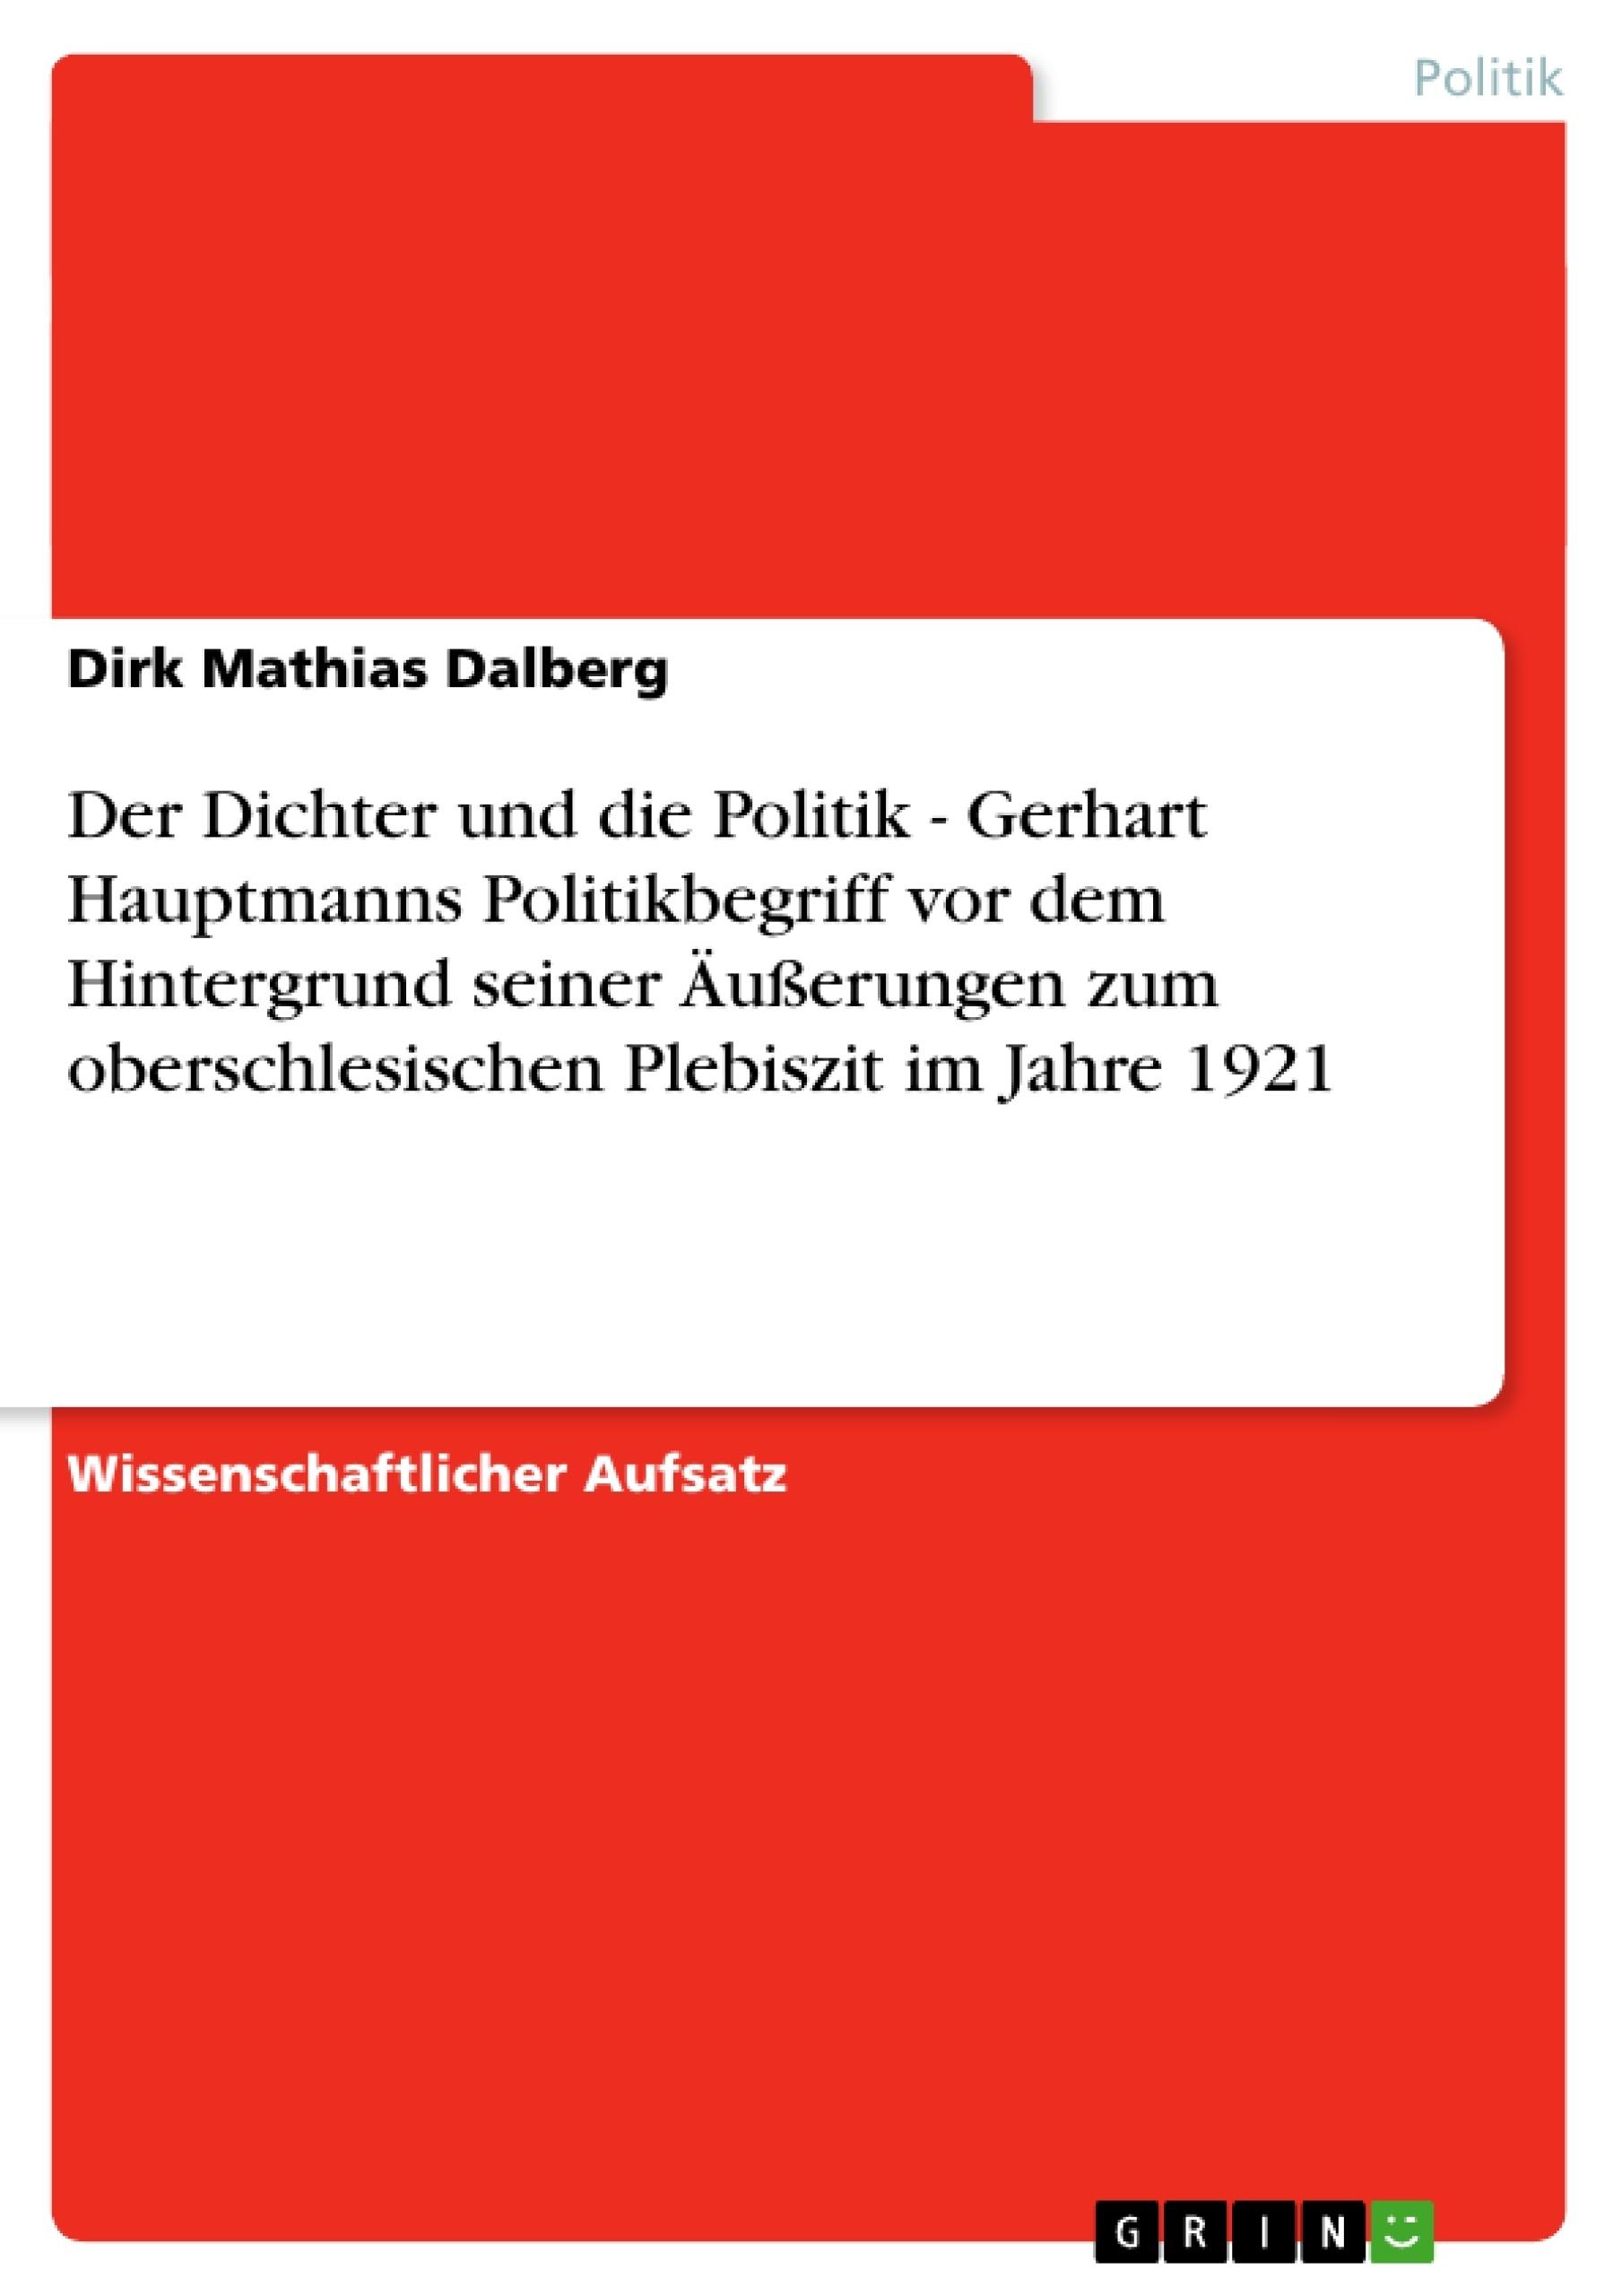 Titel: Der Dichter und die Politik - Gerhart Hauptmanns Politikbegriff vor dem Hintergrund seiner Äußerungen zum oberschlesischen Plebiszit im Jahre 1921